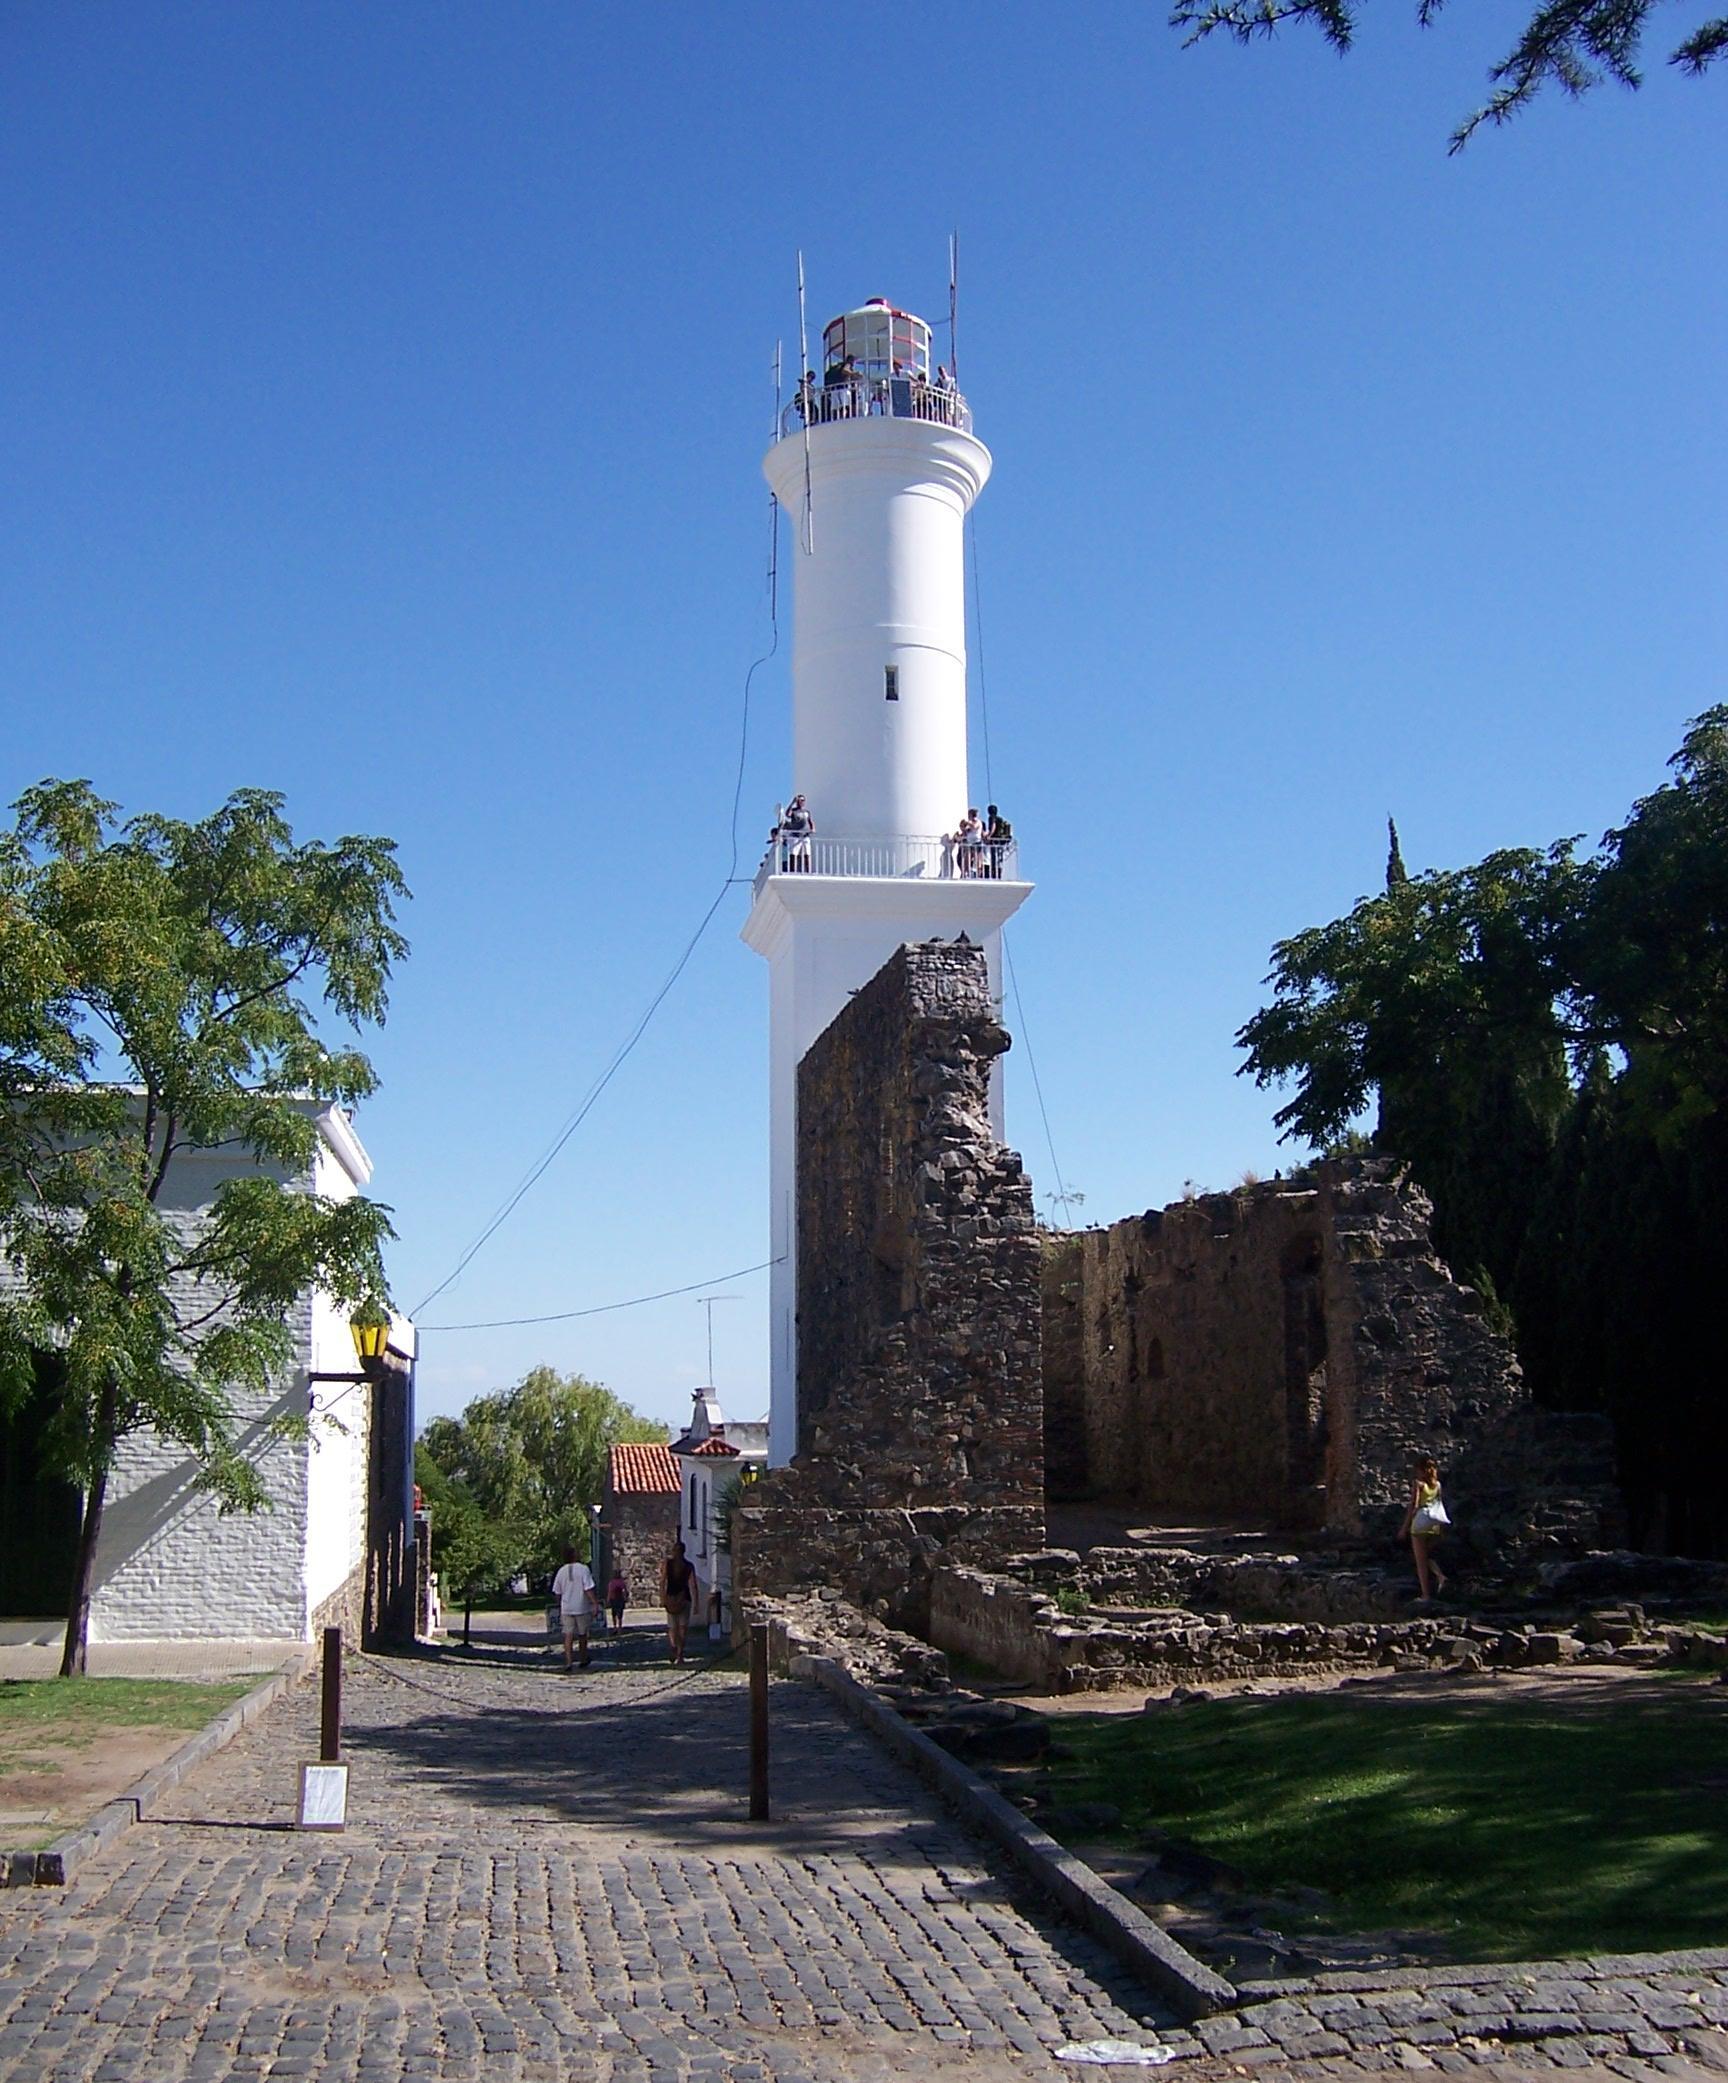 Colonia del Sacramento Uruguay  city photos gallery : archivo historial del archivo usos del archivo uso global del archivo ...